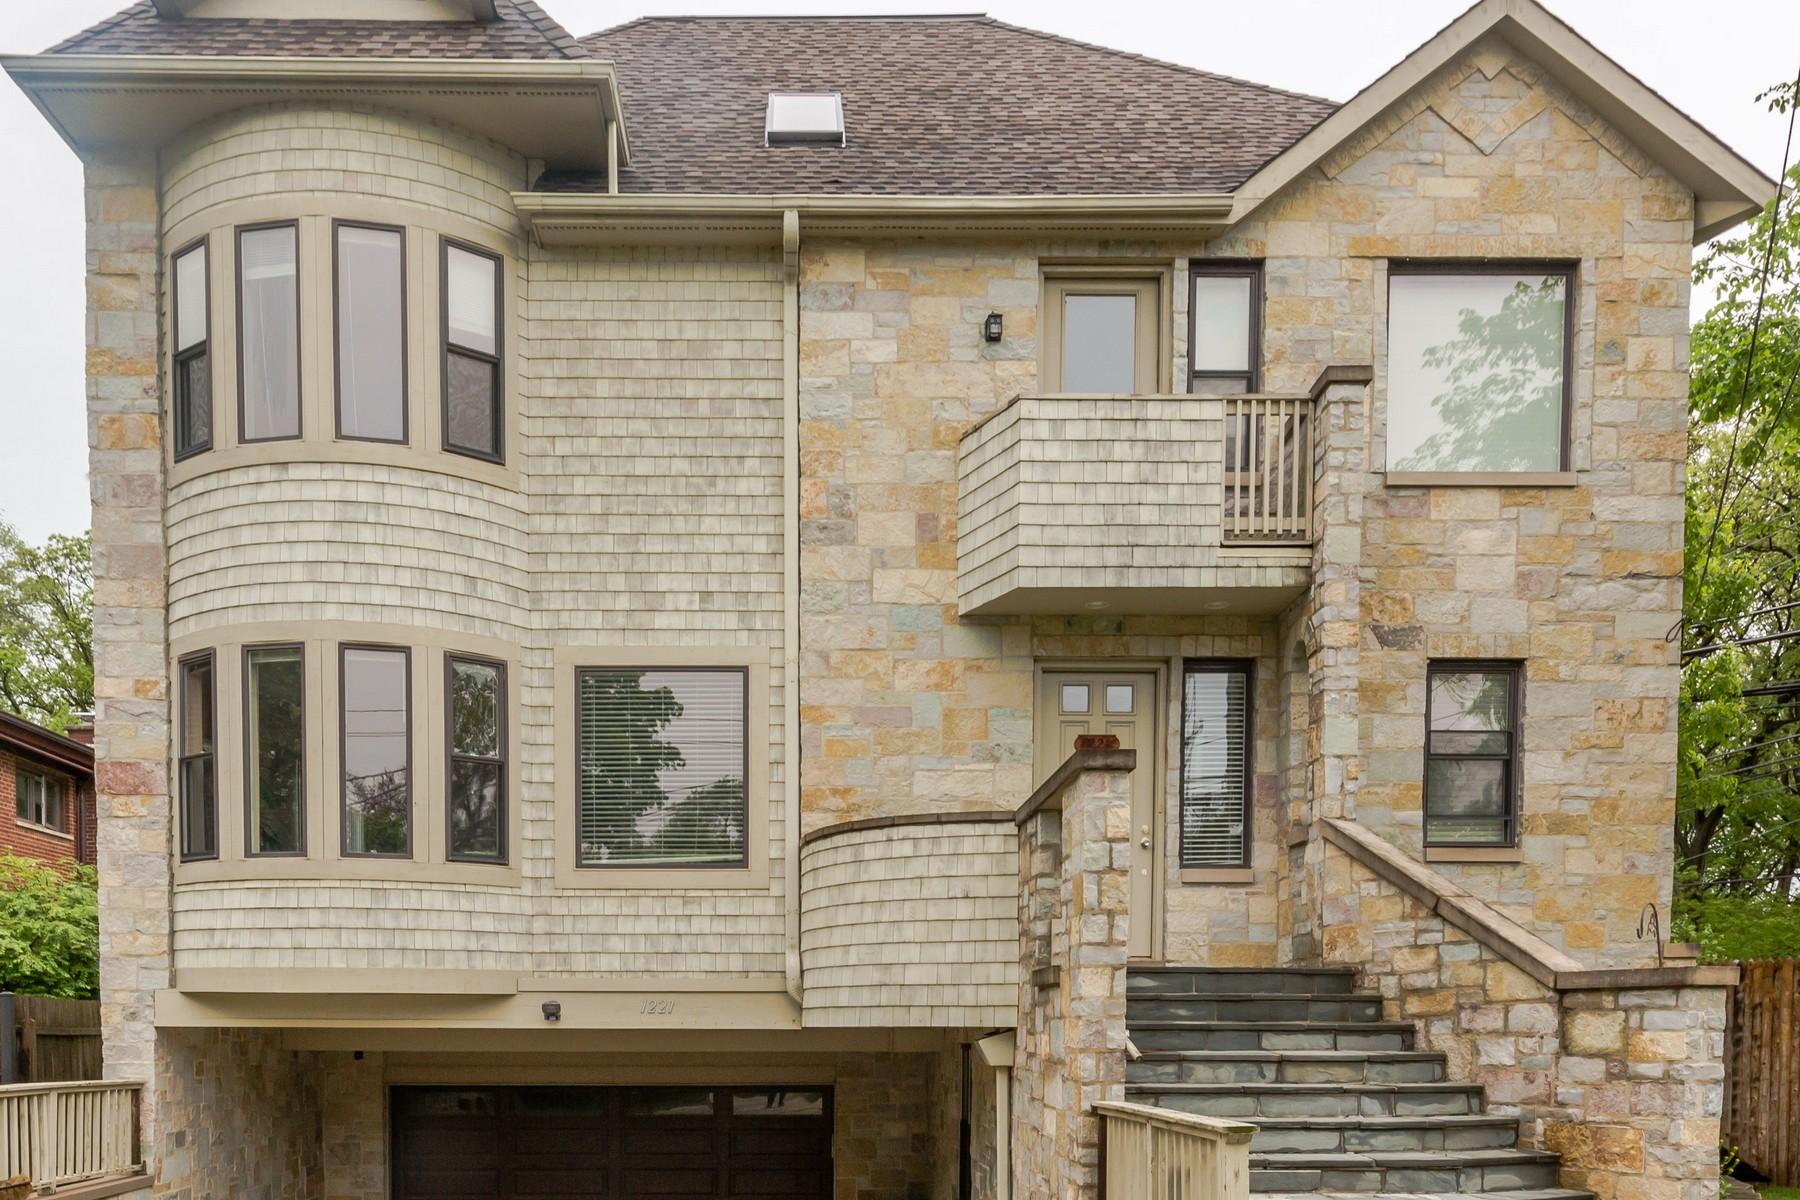 Maison unifamiliale pour l Vente à Light-Filled Four Bedroom Home 1221 IsaBella Street Evanston, Illinois, 60201 États-Unis